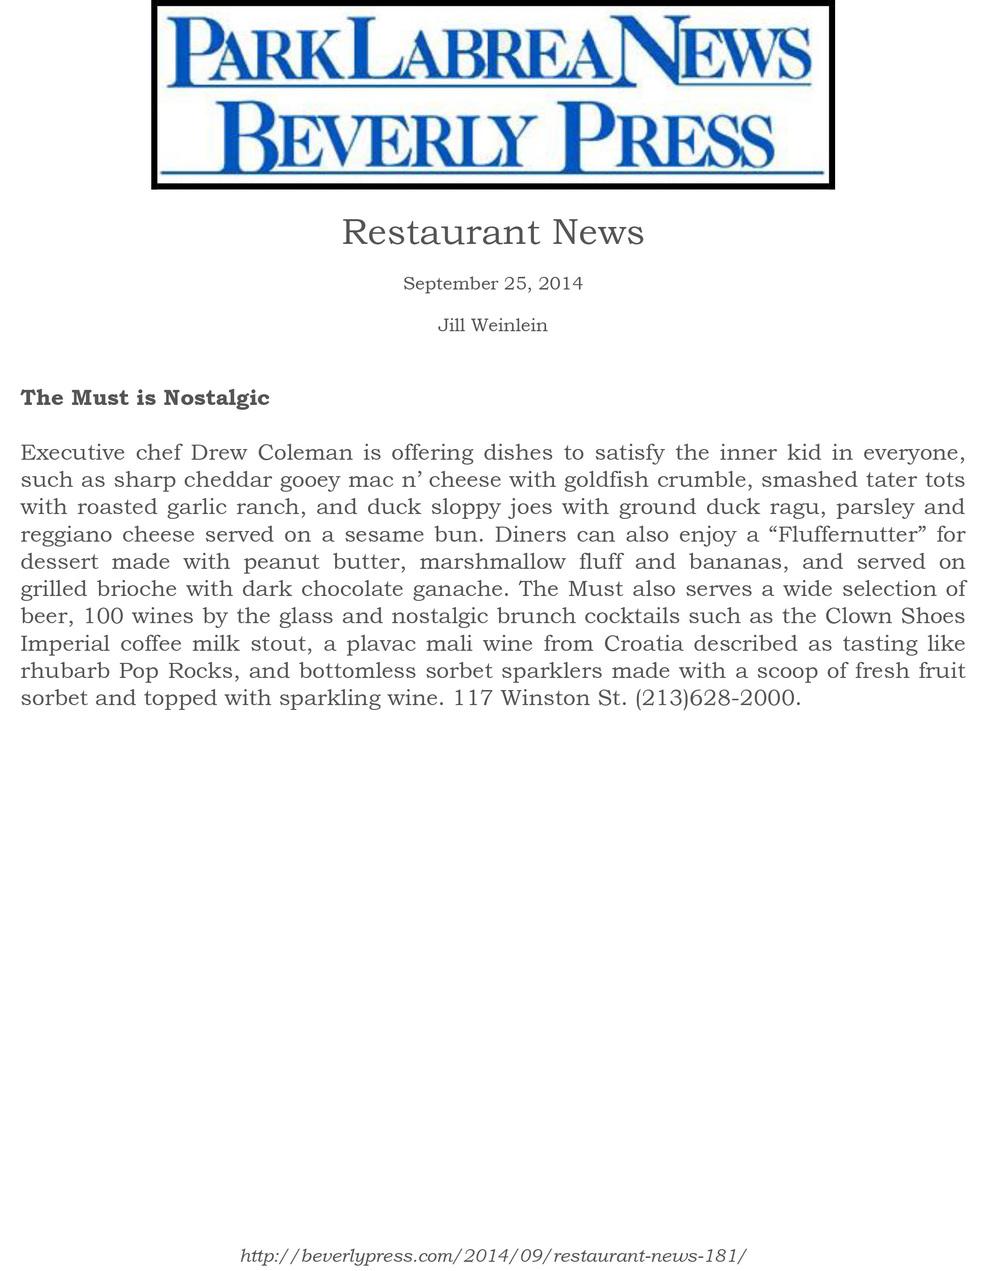 ParkLaBreaNewsBevPress - 9.25.14.jpg